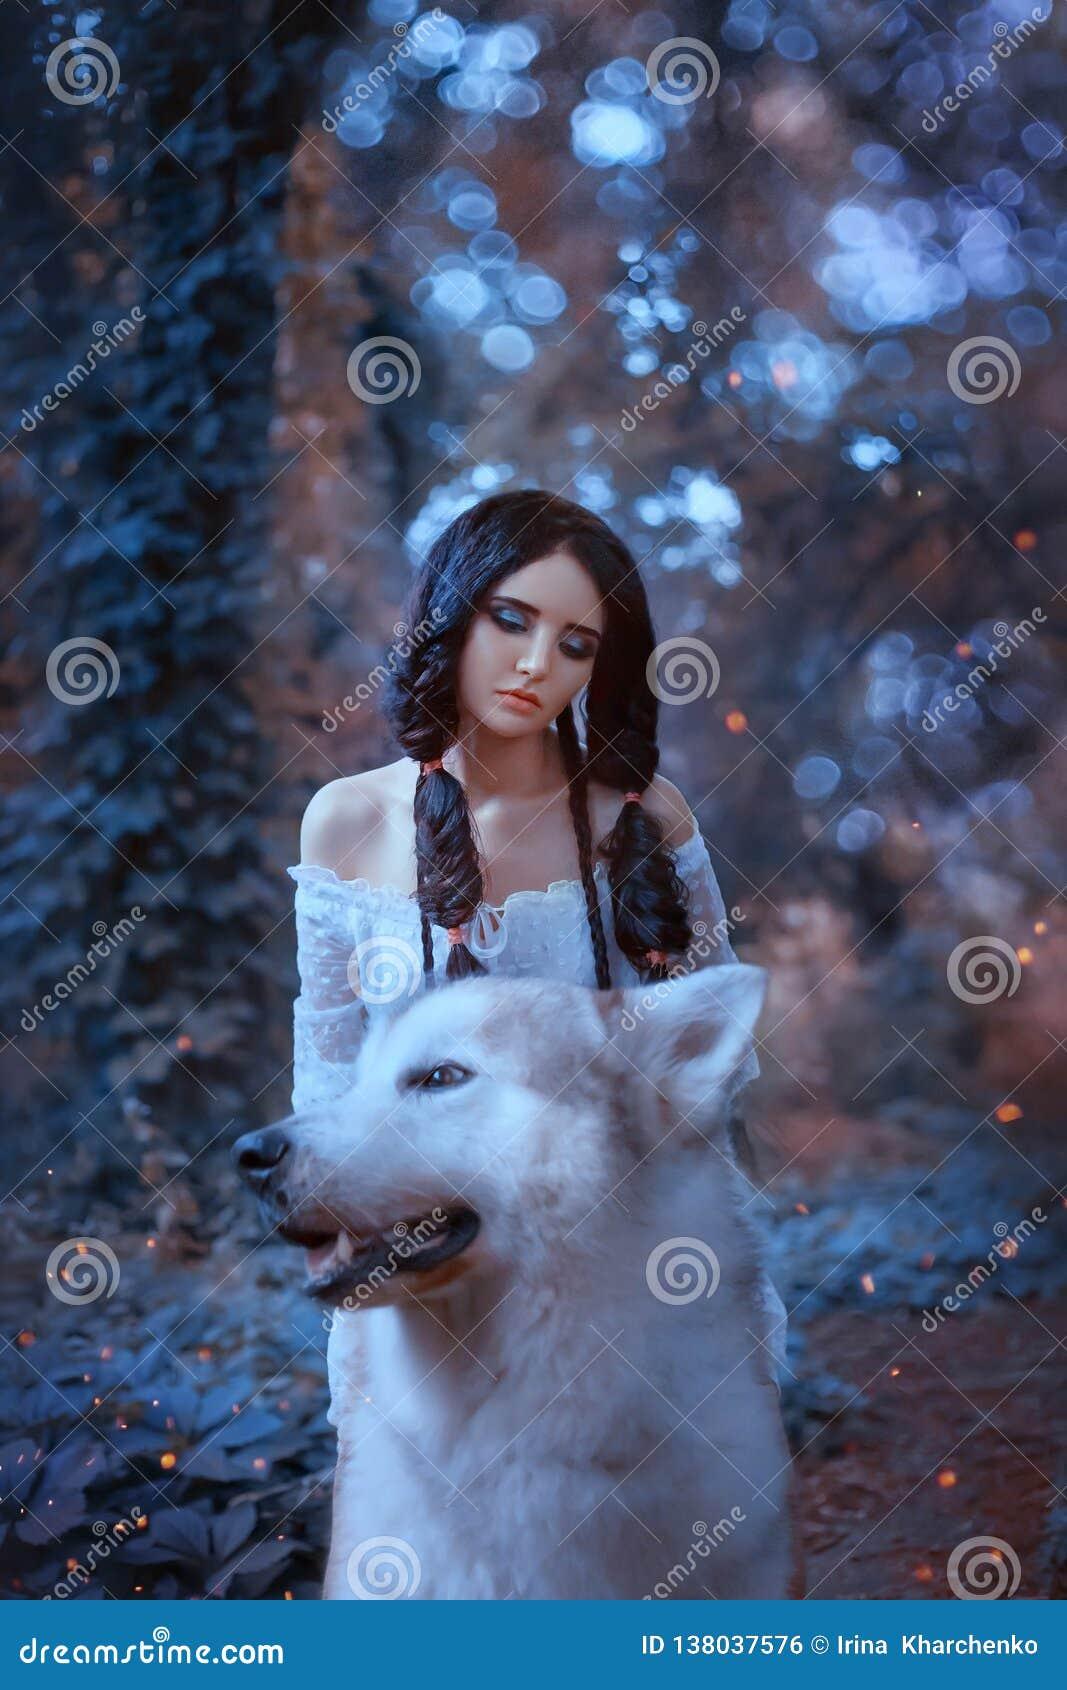 De magische fee zadelt trotse wolf van bos en berijdt hem, neemt het roofdier de elfprinses aan haar leger, die nieuw samenkomen